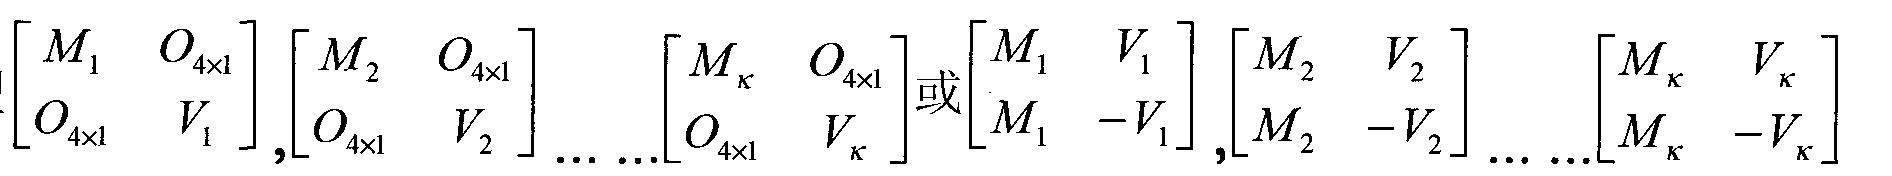 Figure CN101854236BD00122